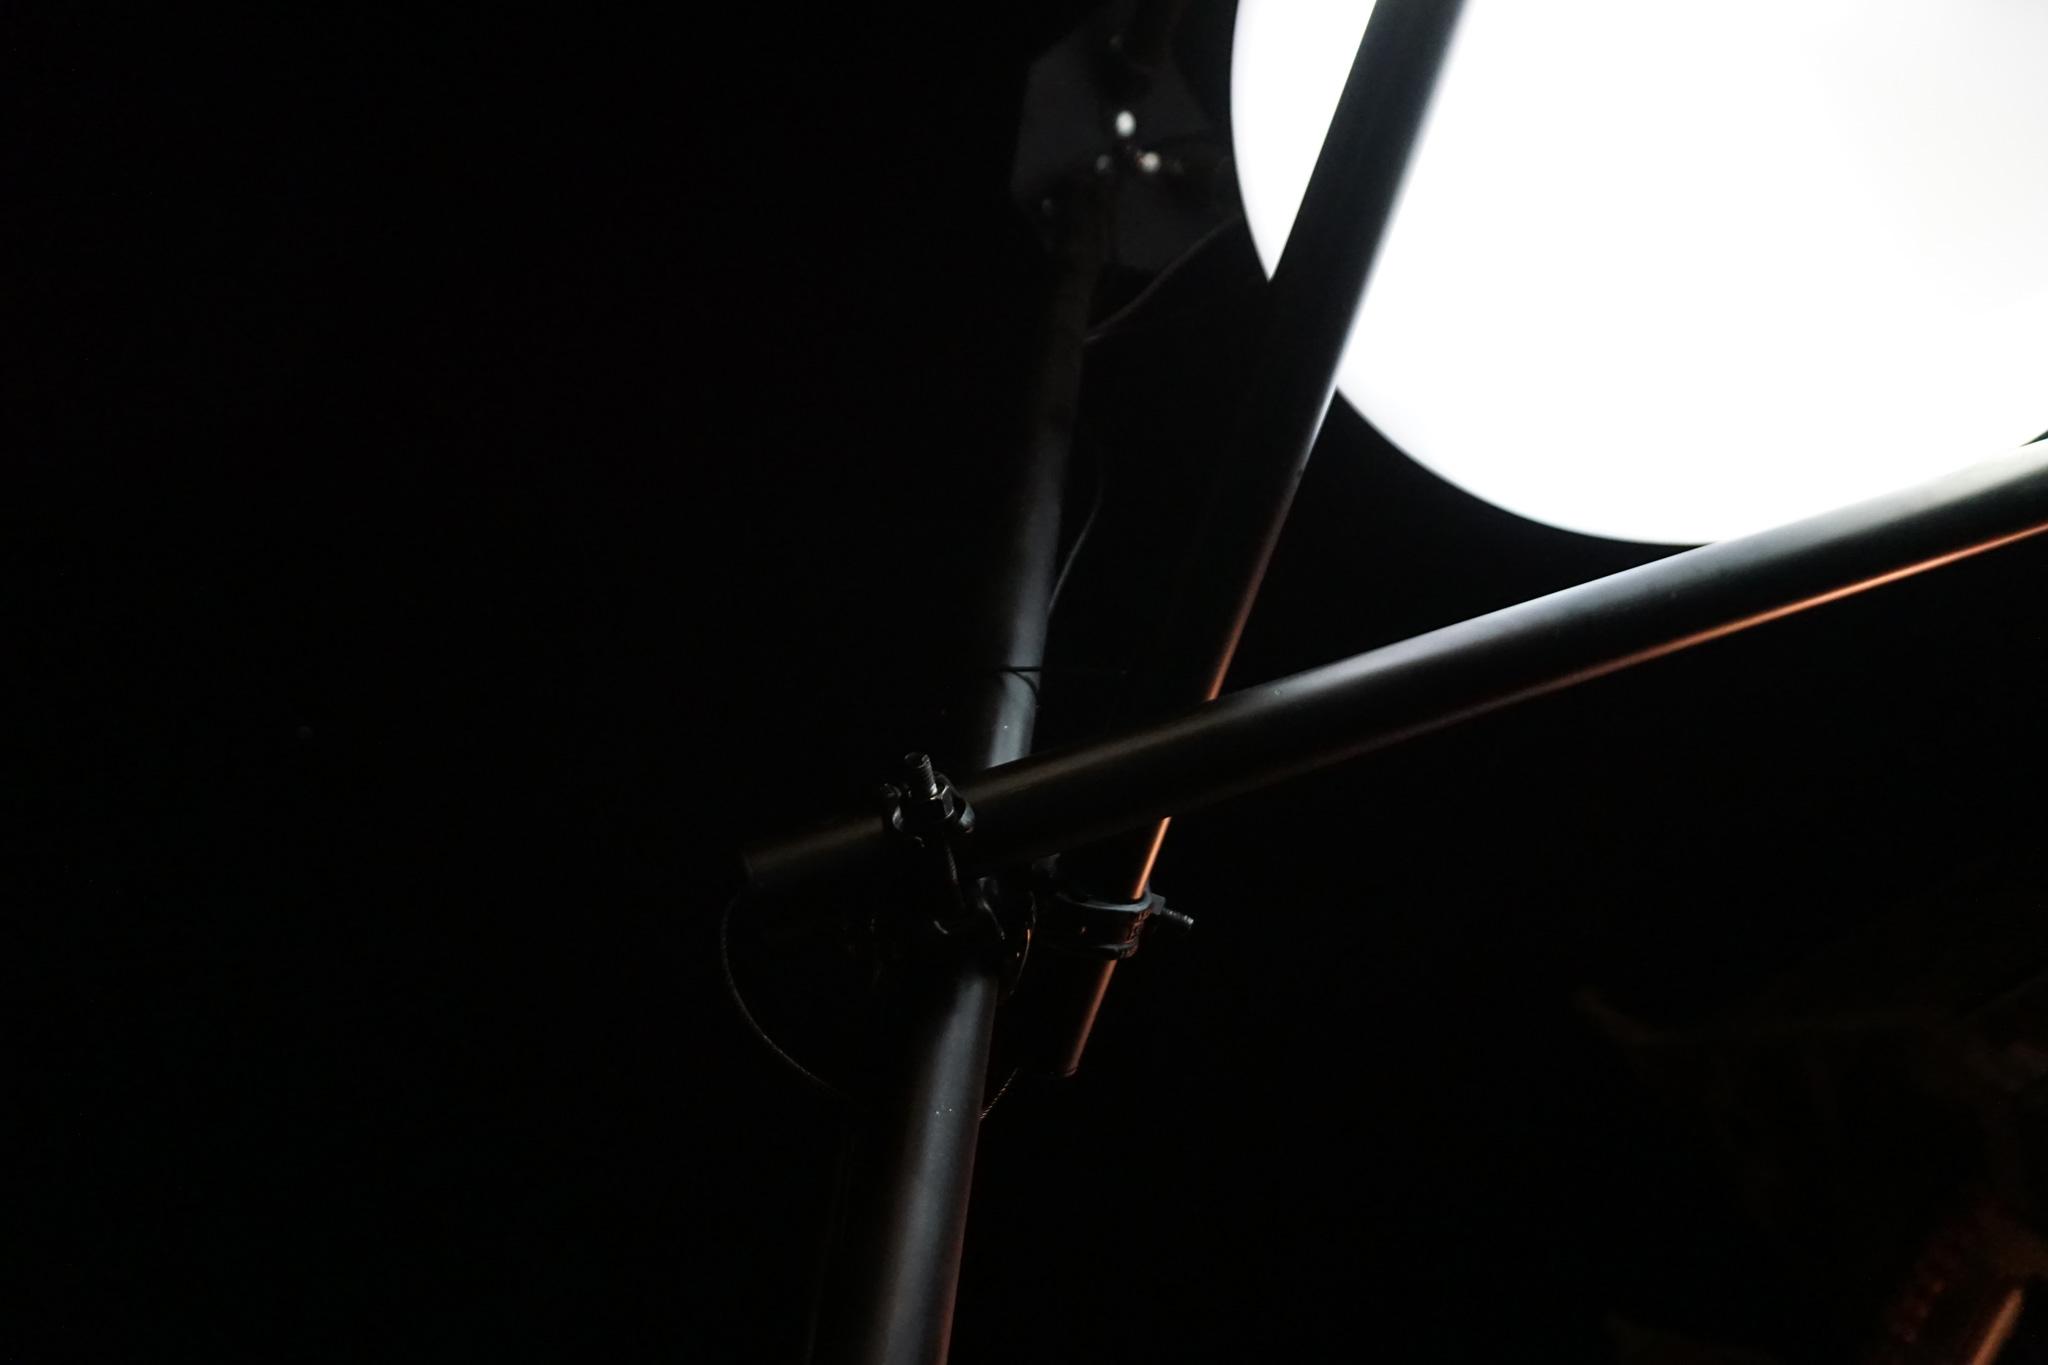 Alex jenkins - Moon Seat installation